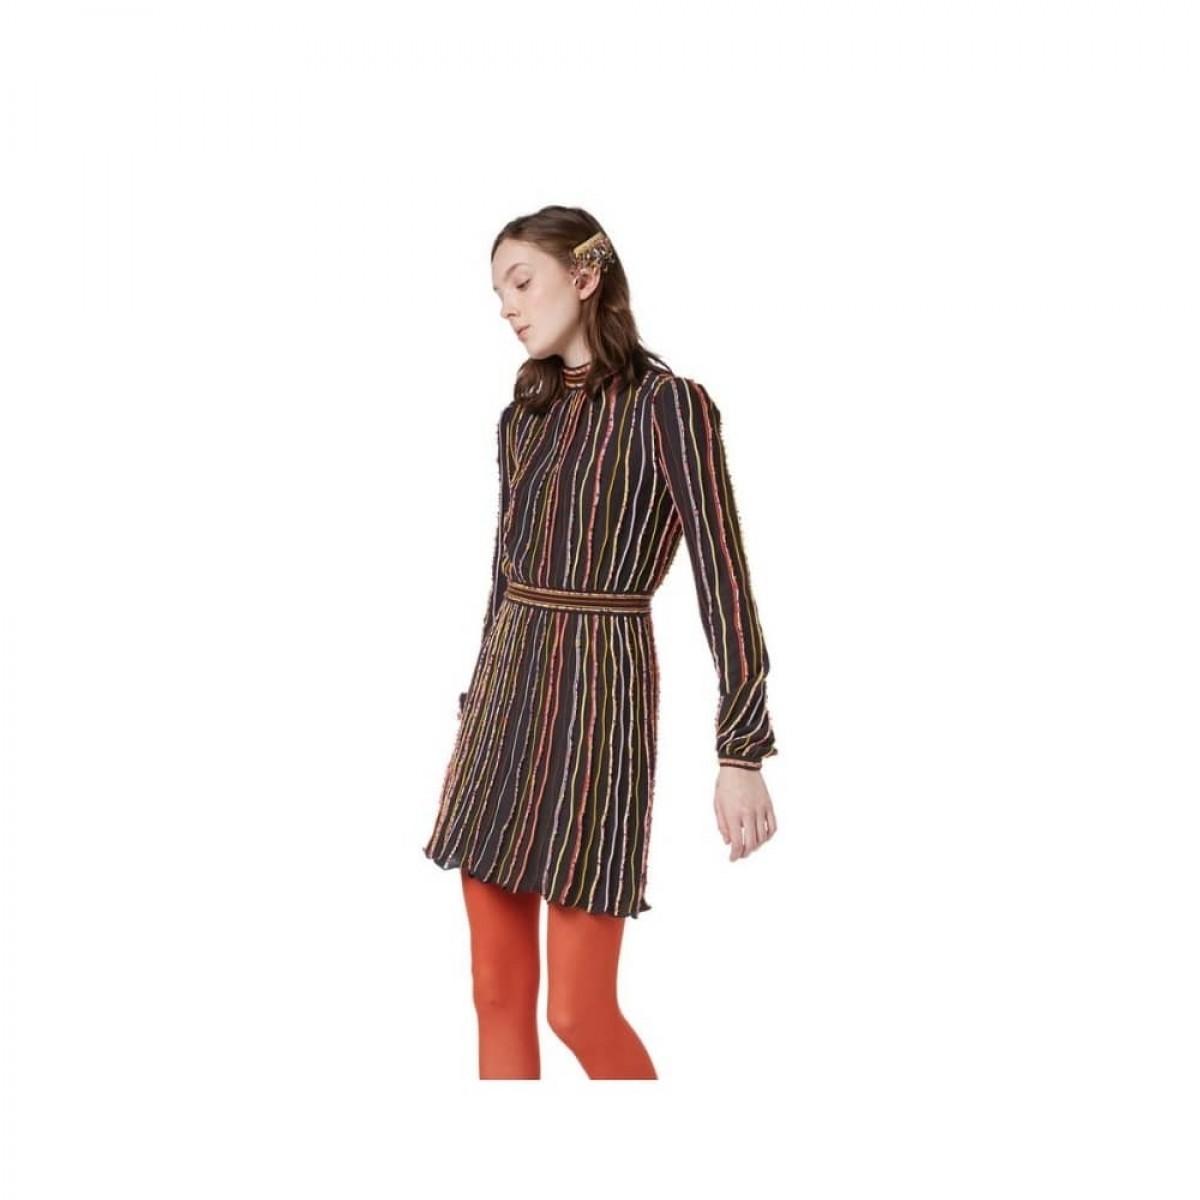 m missoni kjole - multi color - model front